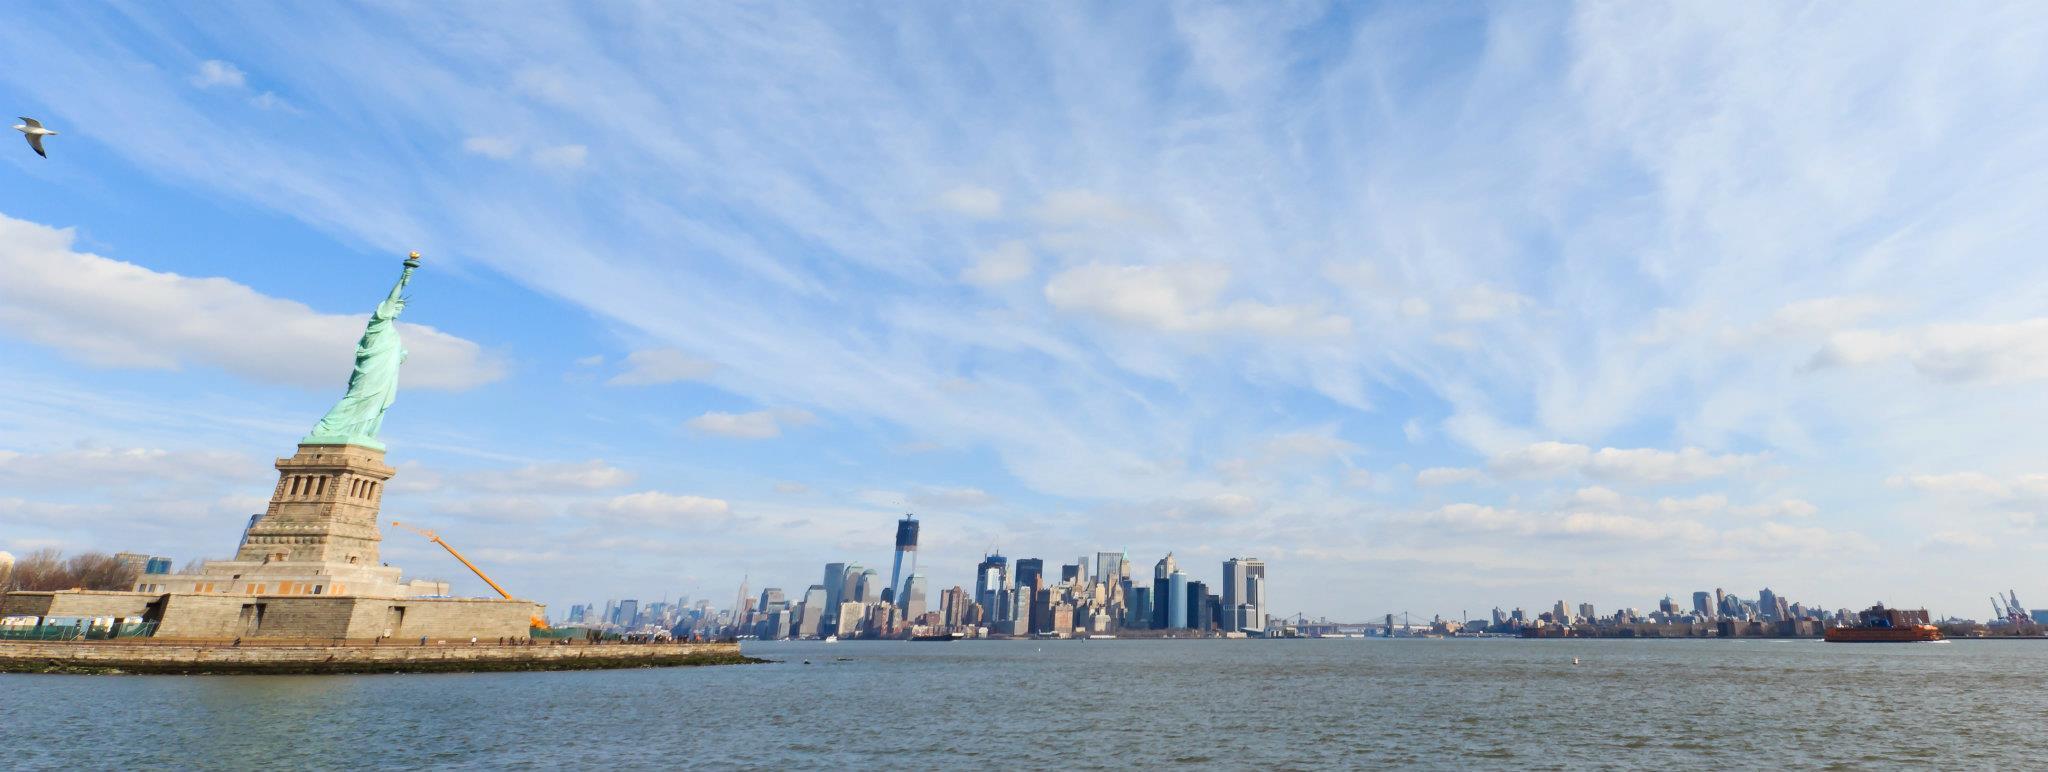 Sehenswürdigkeiten New York: Freiheitsstatue (Statue of Liberty)